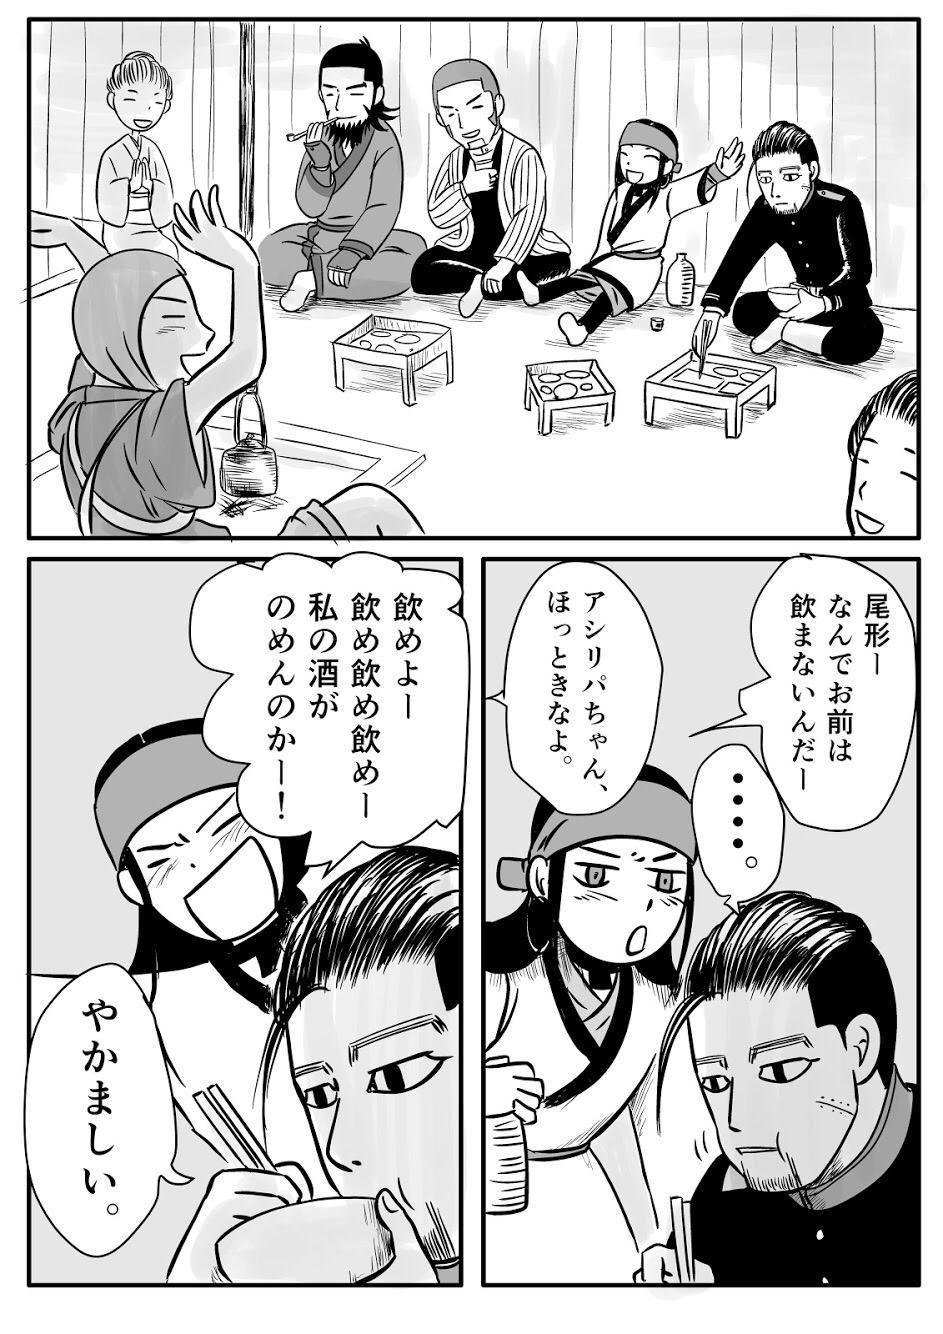 Toko no Koto 23